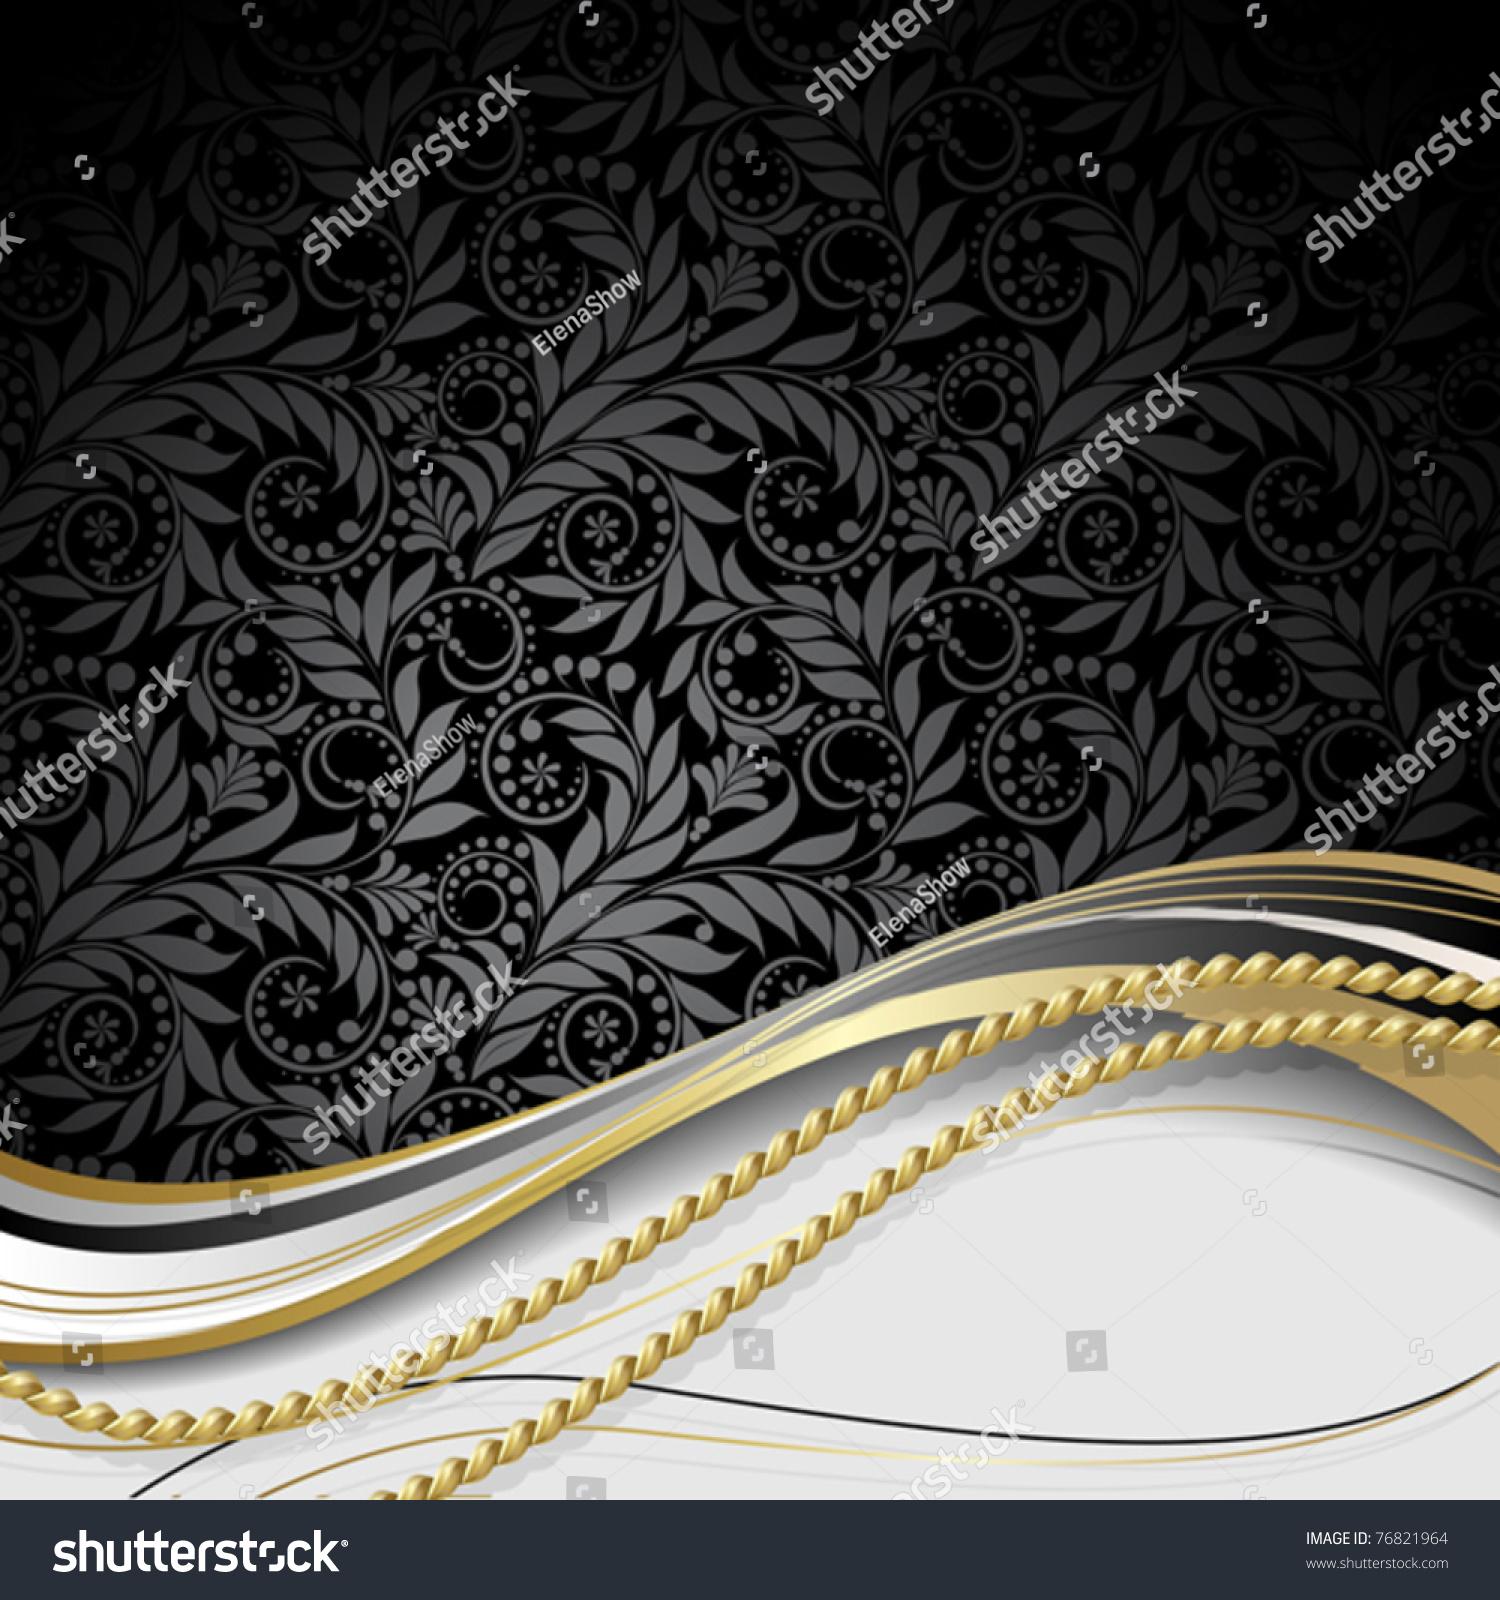 黑色背景用鲜花和树叶和金色绳子.-背景/素材,插图/图